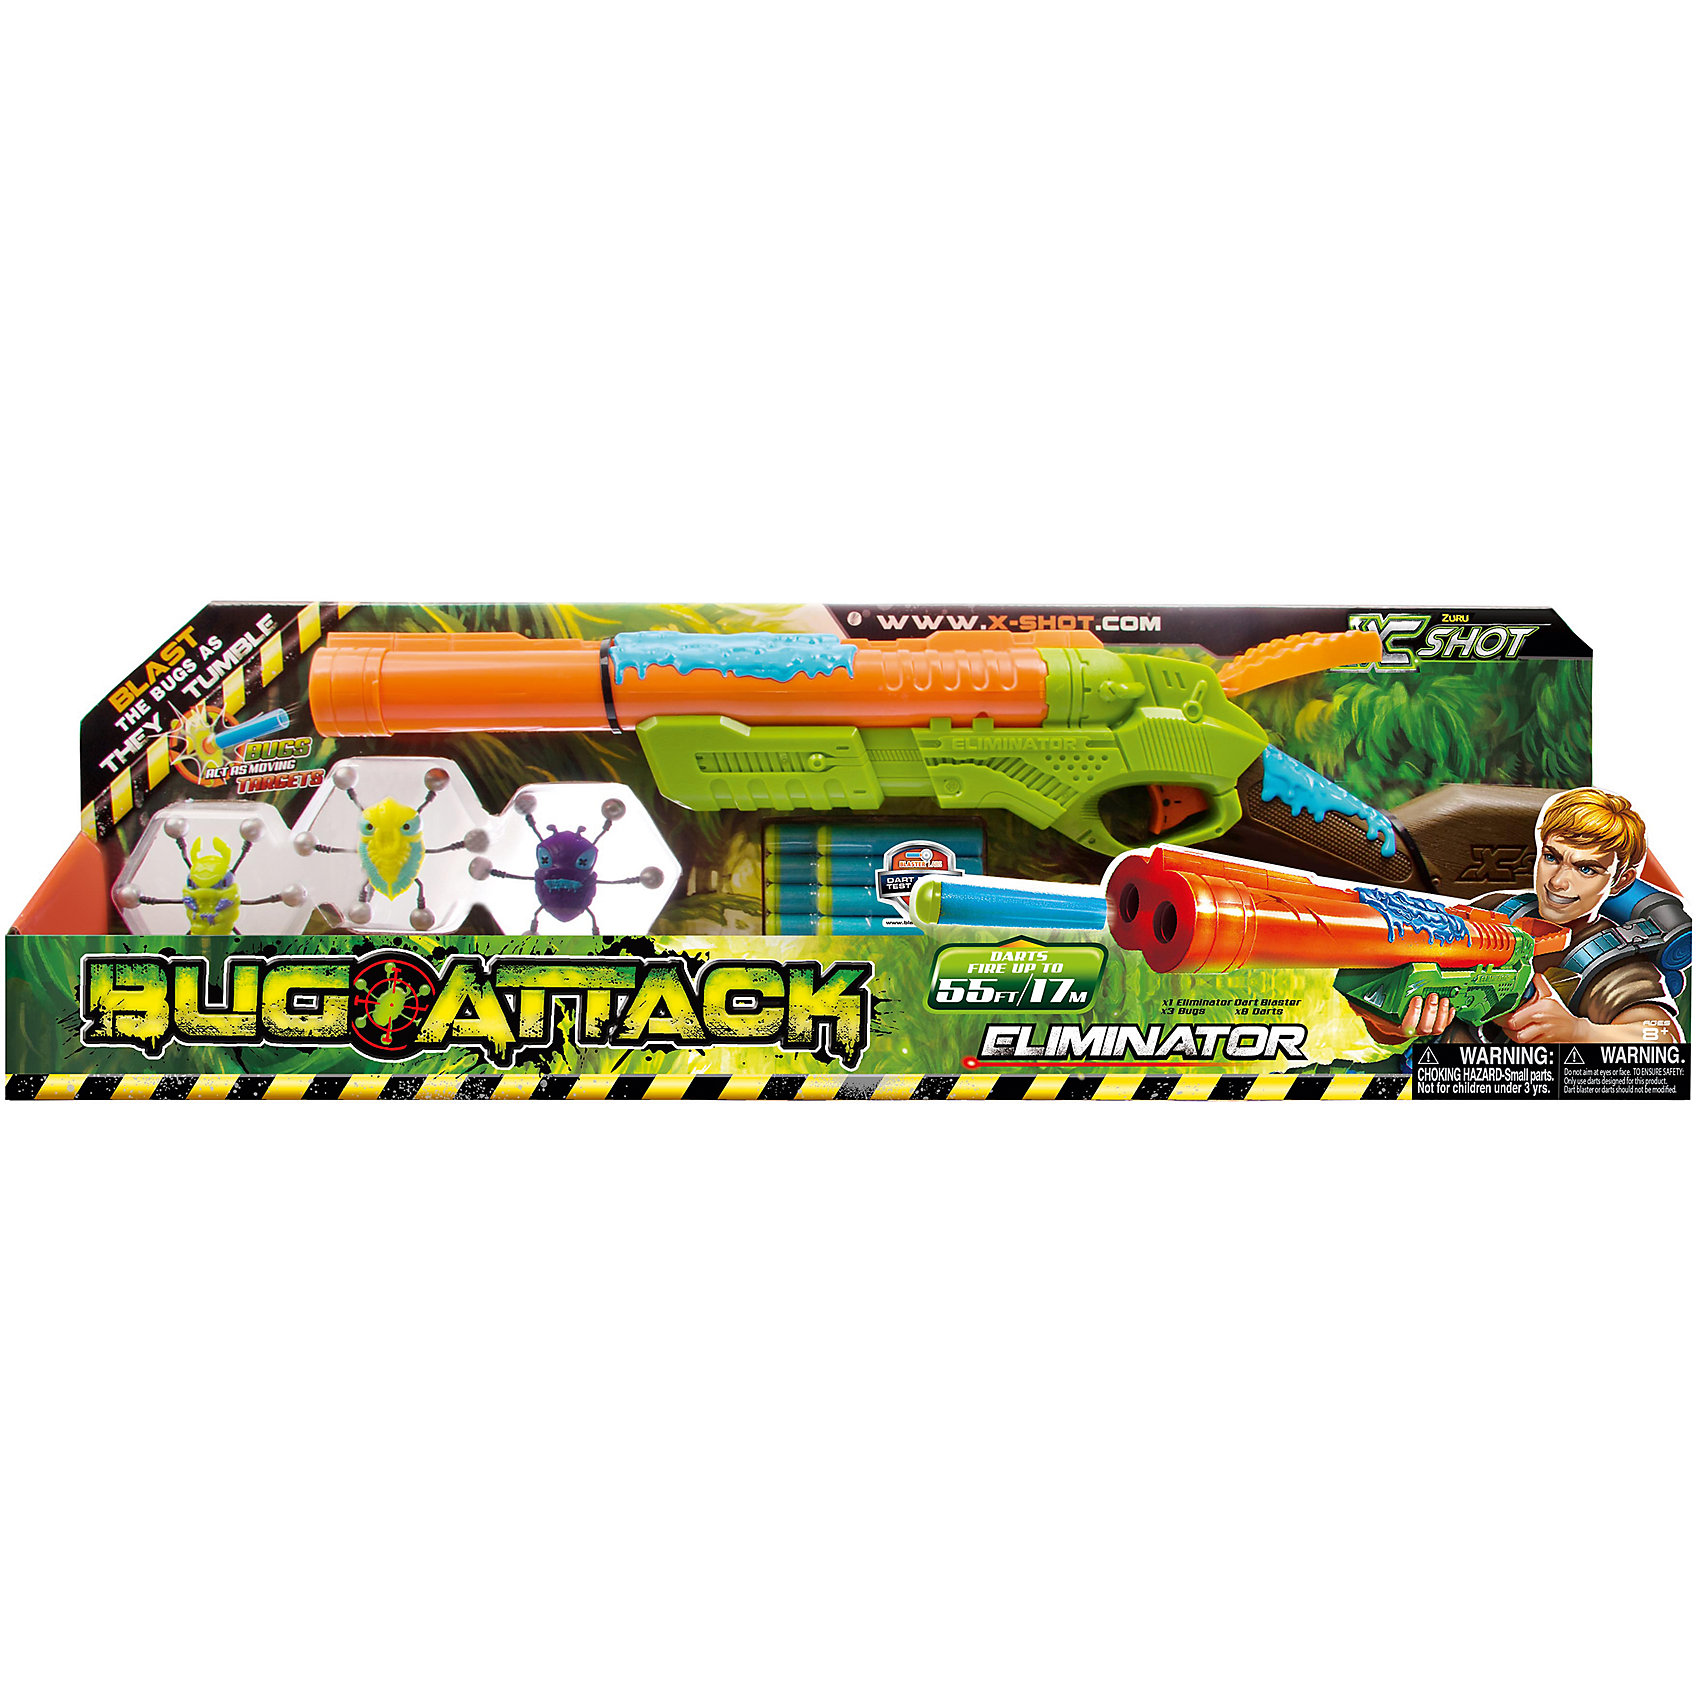 Ружье с мишенями Атака Пауков, X-Shot, ZuruБластеры, пистолеты и прочее<br>Характеристики товара:<br><br>• возраст: от 8 лет<br>• материал: пластик, резина<br>• дальность действия: 17 метров<br>• в наборе: ружье, 8 патронов, 3 паука-мишени<br>• размер упаковки 67х21х7 см<br>• вес упаковки 580 г.<br>• страна бренда: Новая Зеландия<br>• страна производитель: Китай<br><br>Ружье с мишенями «Атака пауков» X-Shot Zuru — настоящее оружие для стрельбы по мишеням. Мишени выполнены в виде паучков, которых можно прикрепить к любой вертикальной поверхности. Как только пауки начнут двигаться, остается только хорошо прицелиться и стрелять по ним. Игрушка хорошо тренирует у детей внимательность, ловкость, меткость, учит концентрироваться и сосредотачиваться. <br><br>Ружье изготовлено из качественного пластика. Патроны выполнены из резины, они безопасны и не наносят травм.<br><br>Ружье с мишенями «Атака пауков» X-Shot Zuru можно приобрести в нашем интернет-магазине.<br><br>Ширина мм: 670<br>Глубина мм: 200<br>Высота мм: 70<br>Вес г: 680<br>Возраст от месяцев: 96<br>Возраст до месяцев: 144<br>Пол: Мужской<br>Возраст: Детский<br>SKU: 4700163